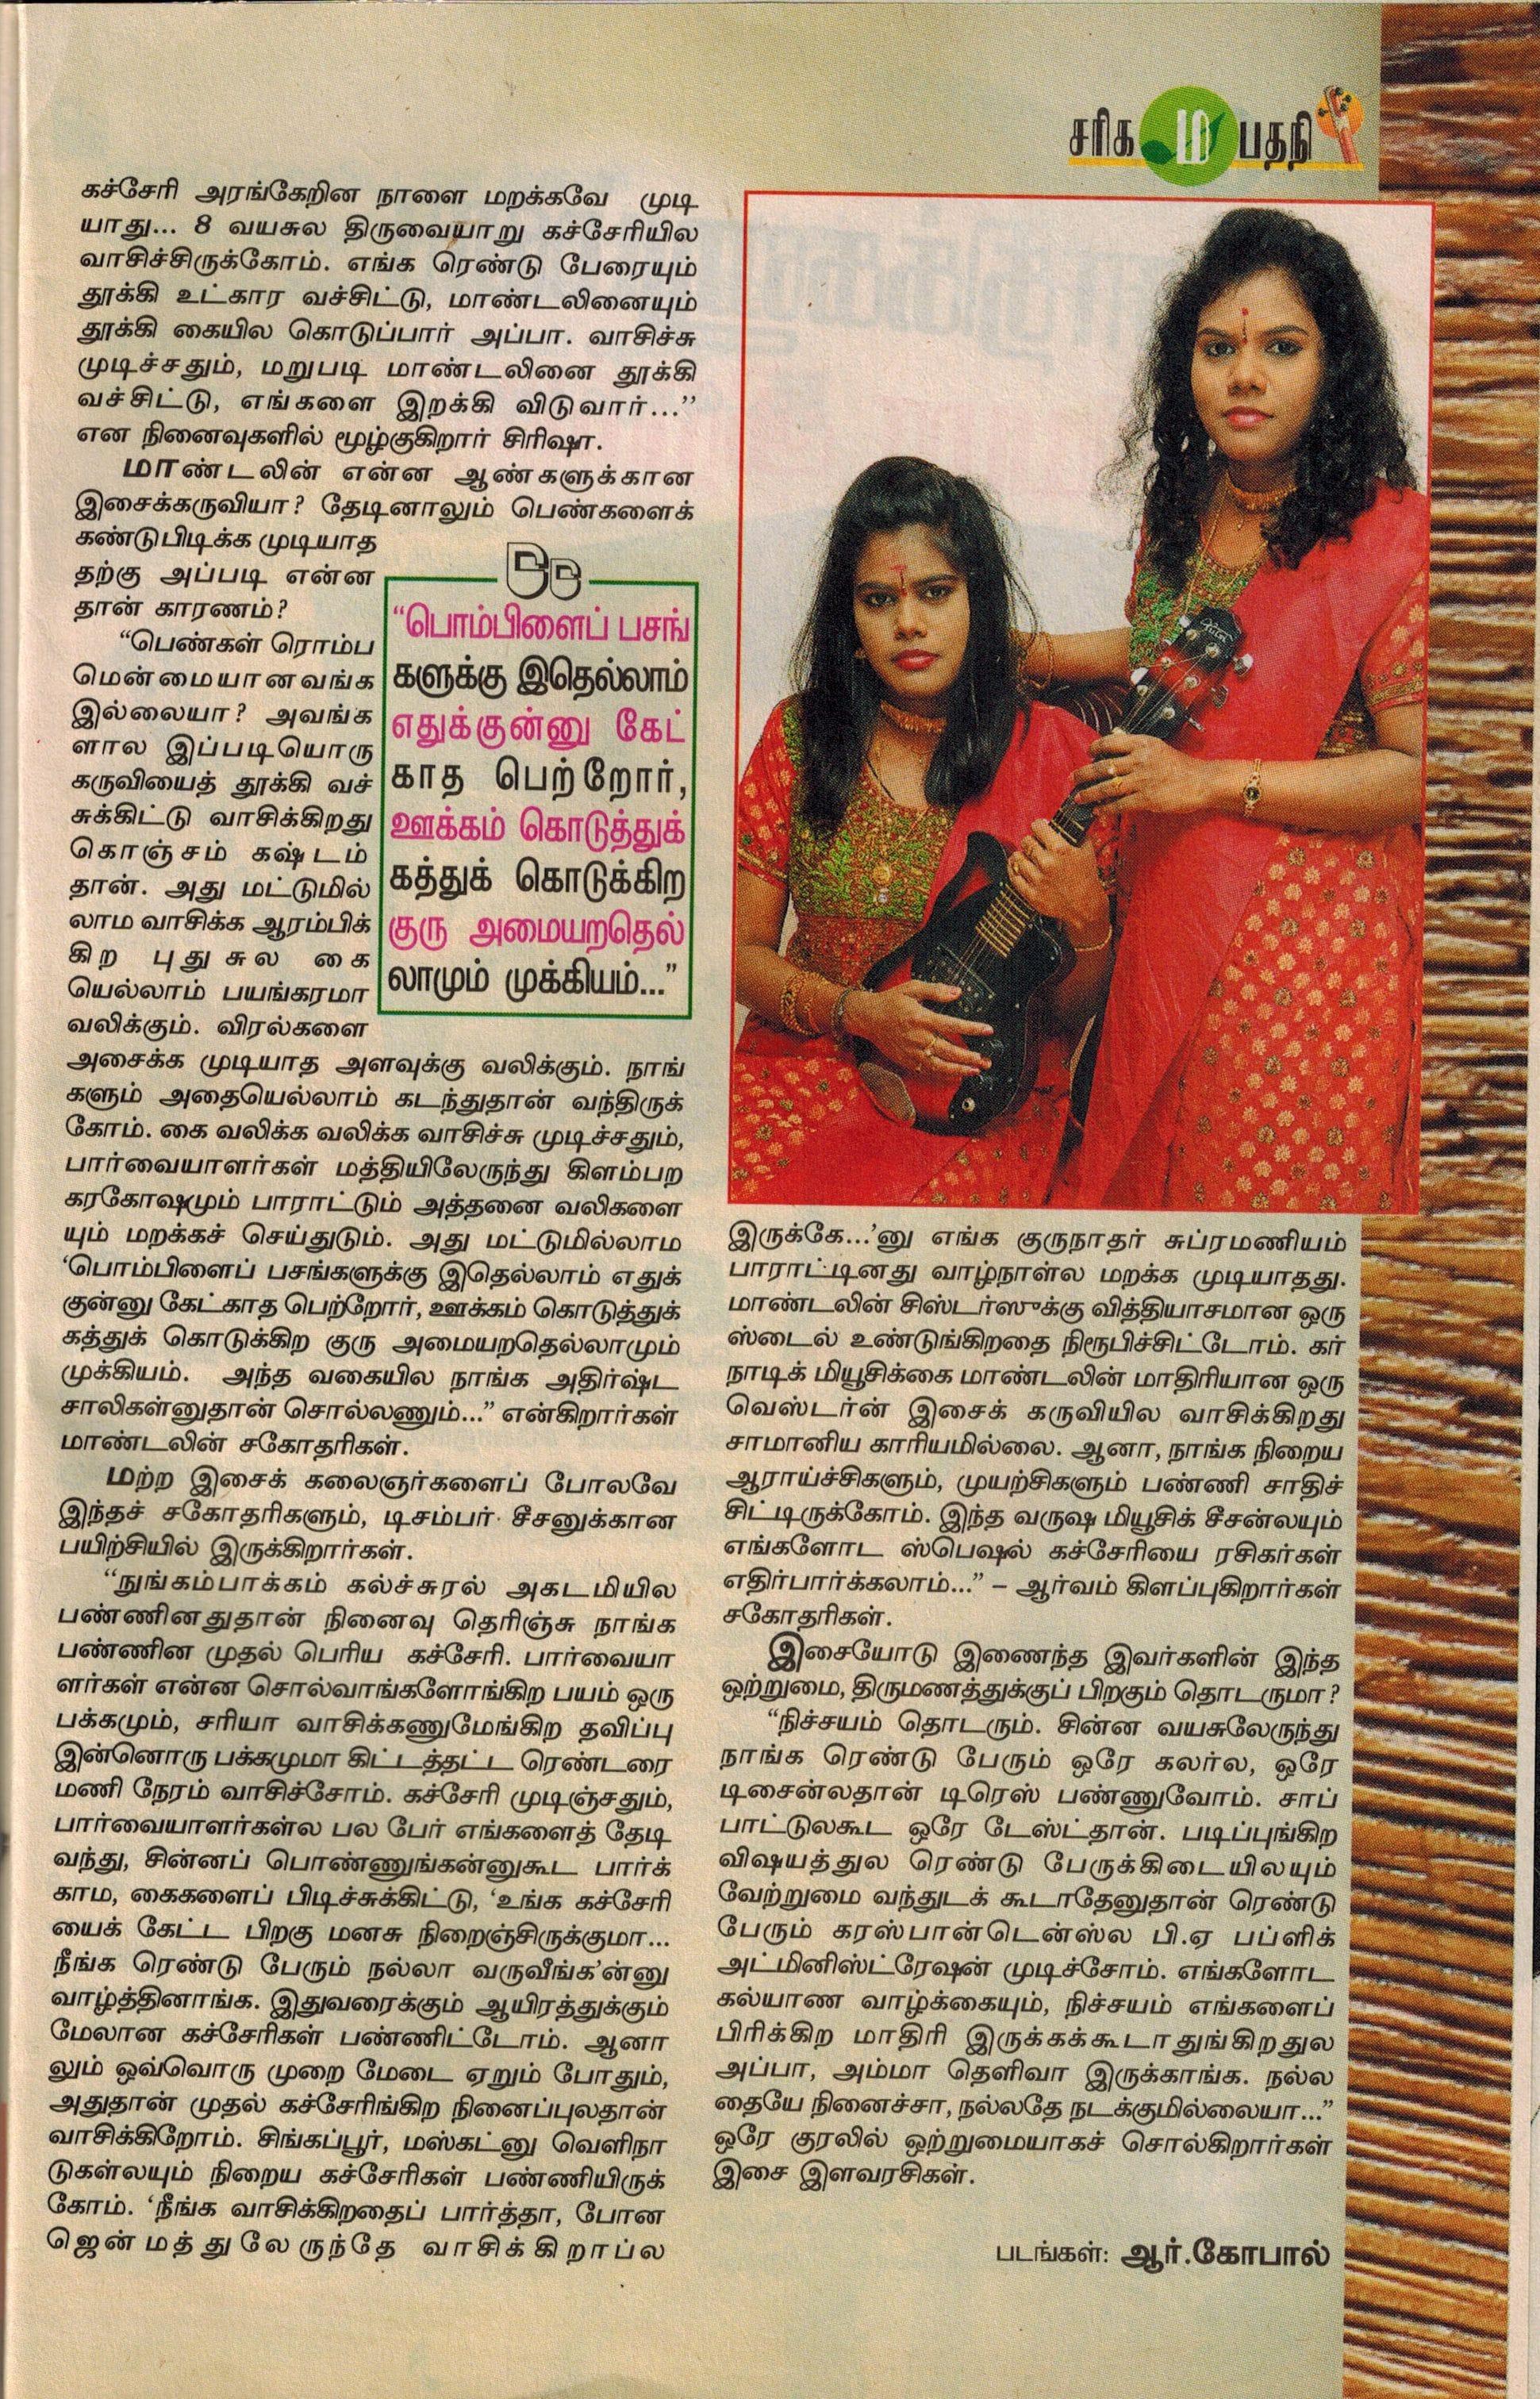 Interview in Tamil magazine Kunkumam